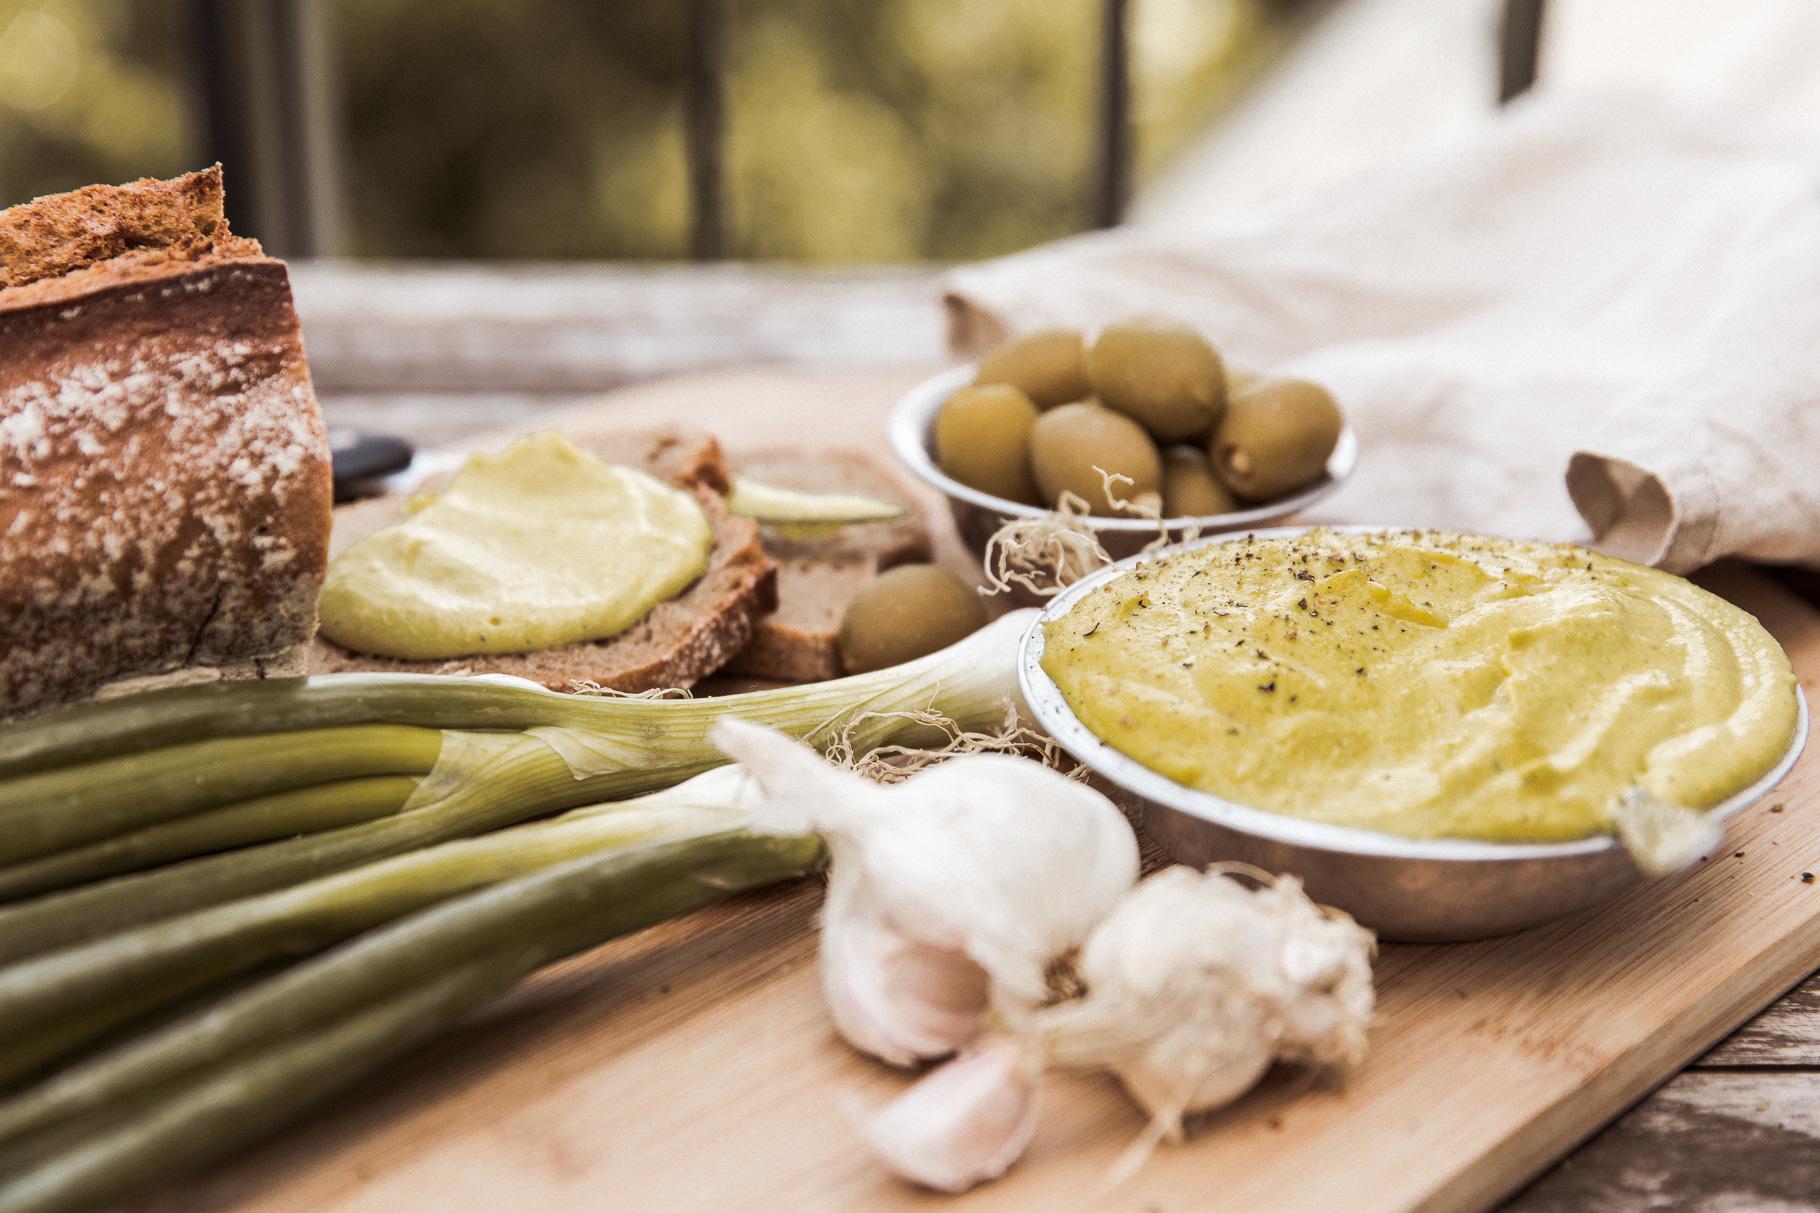 marxosommer, marxo sommer, hanna gassner, annalaurakummer, simplestoryteller, vegan, rezept, cream cheese